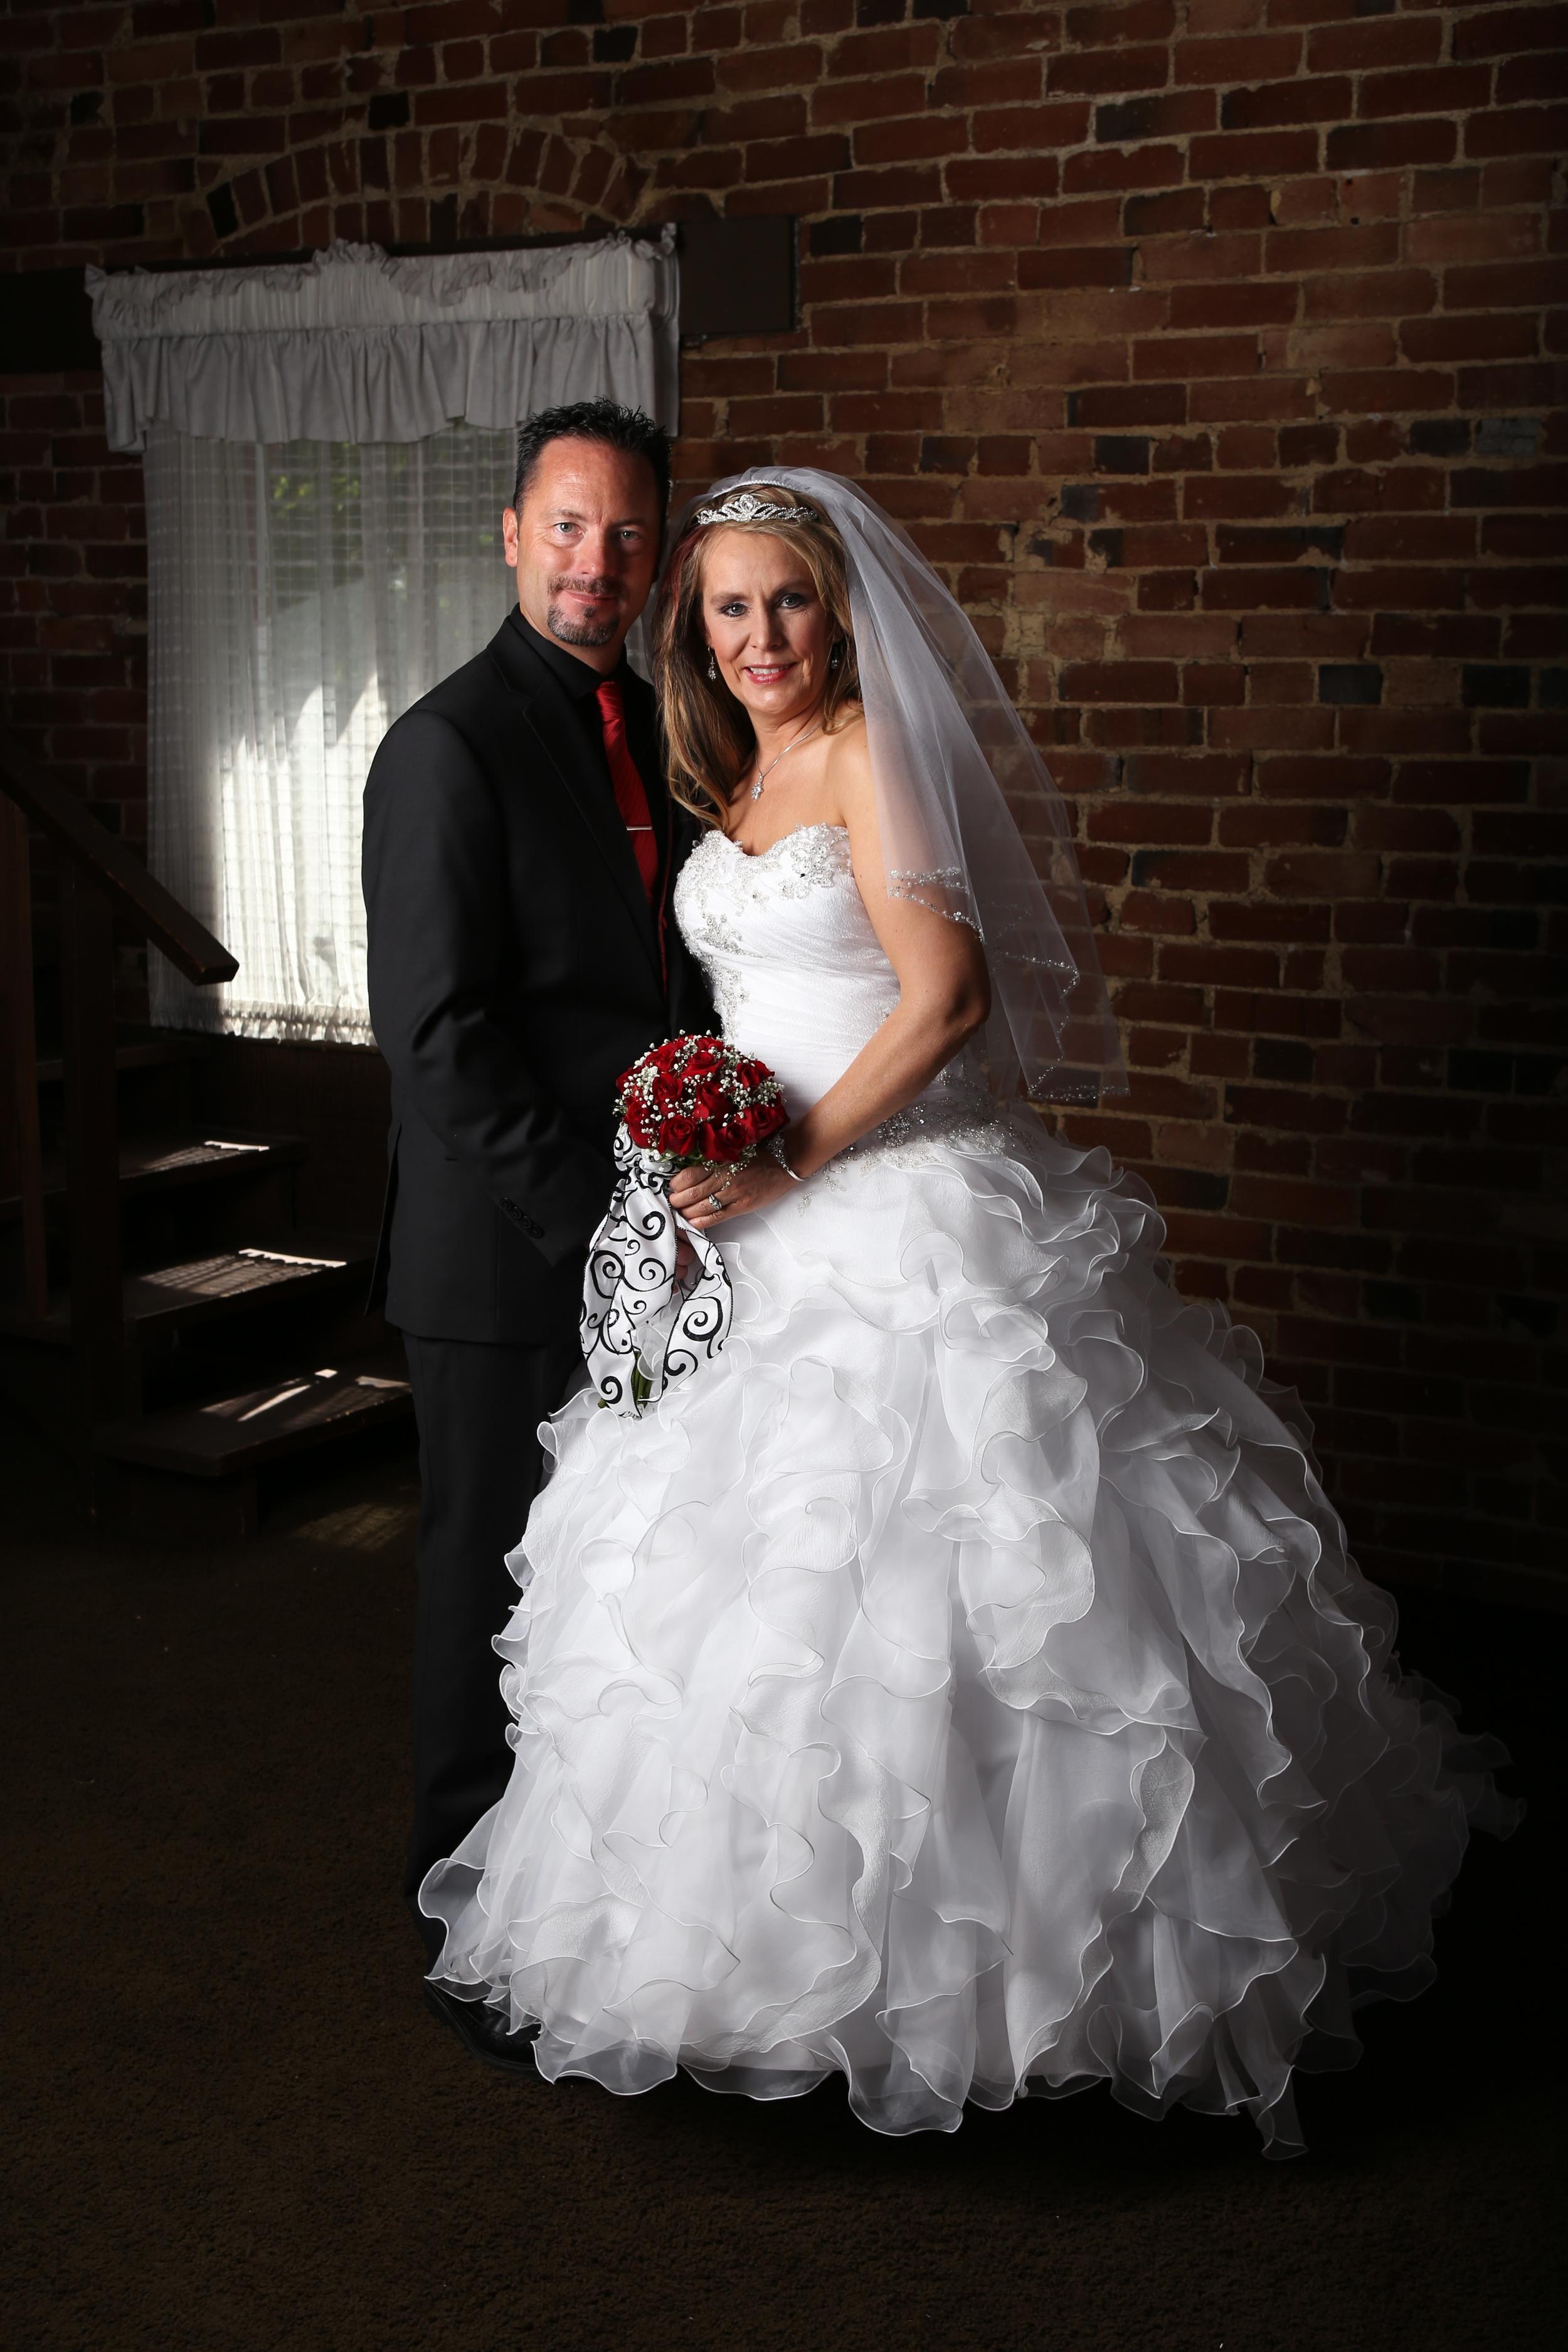 Bountiful wedding in the indoor/outdoor garden studio